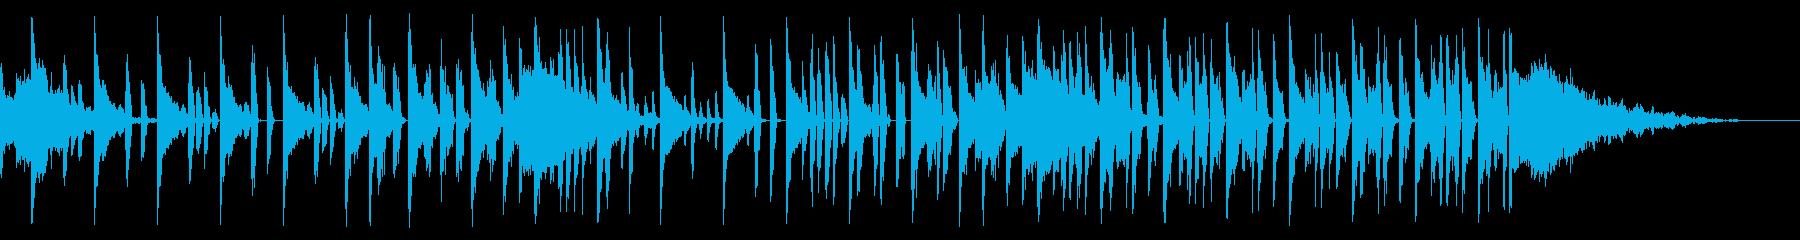 キックなし、トーナルFX、140 BPMの再生済みの波形